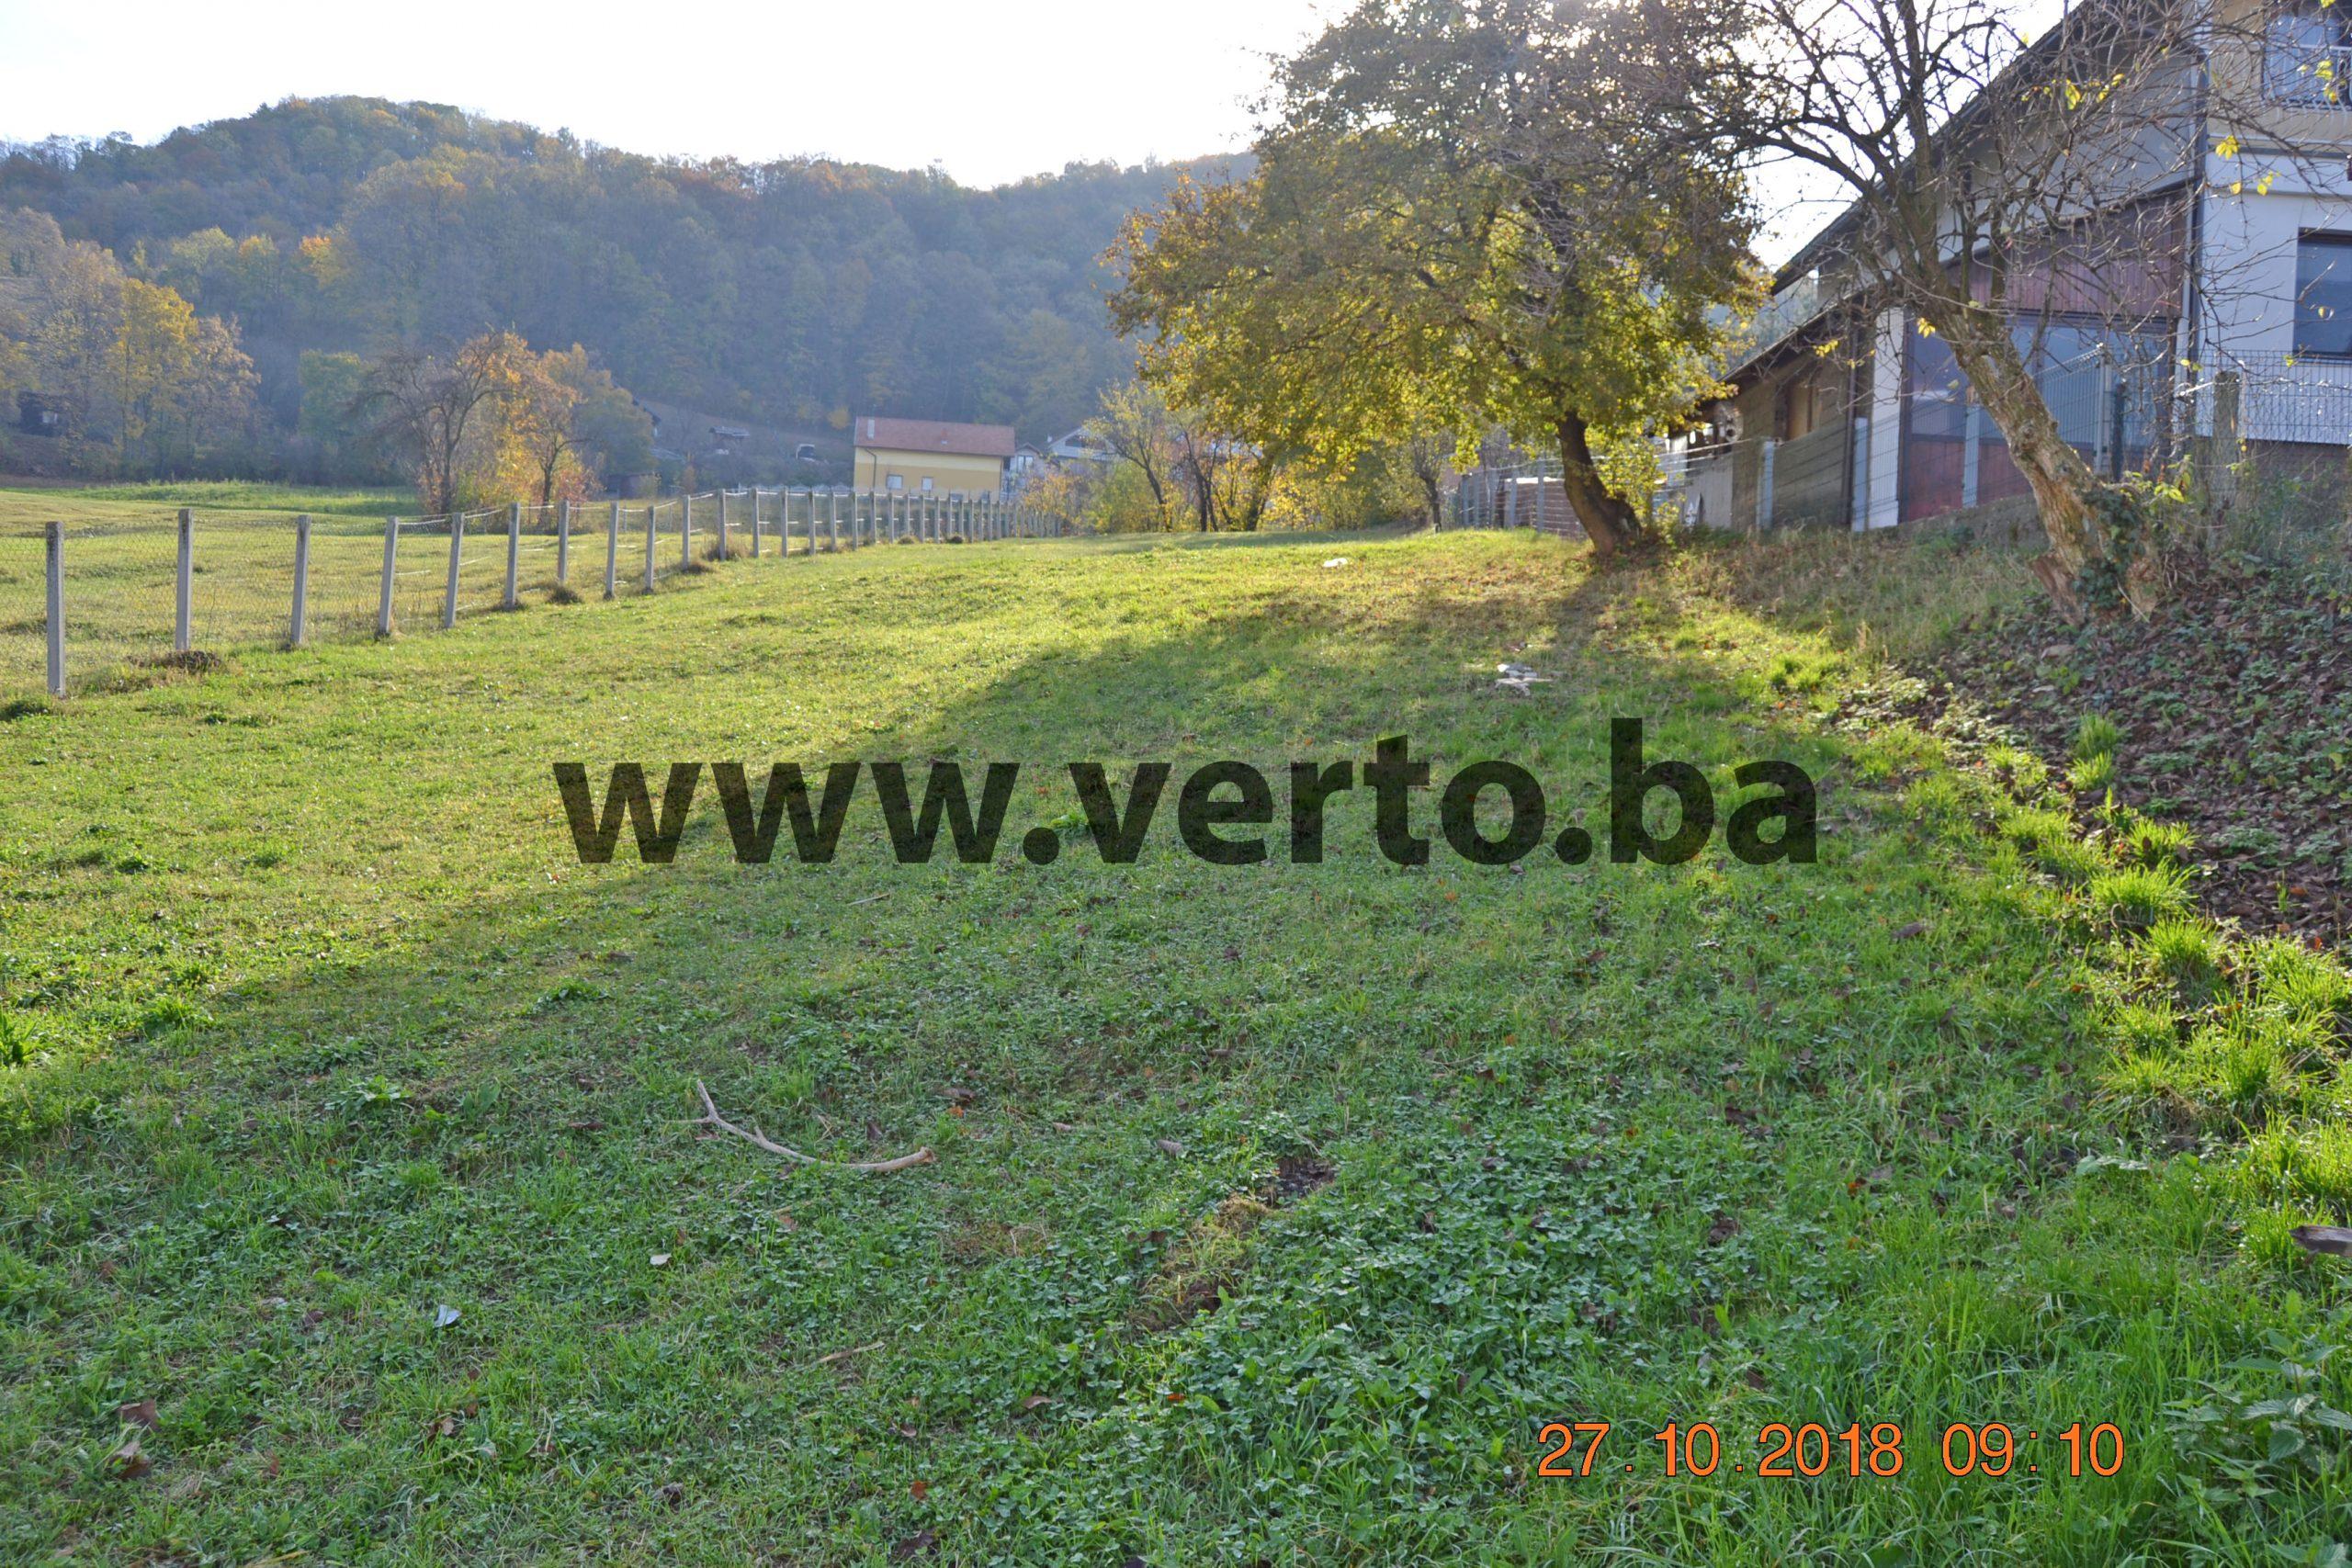 Zemljište površine 1197 m2 u naselju Mala Solina, Tuzla